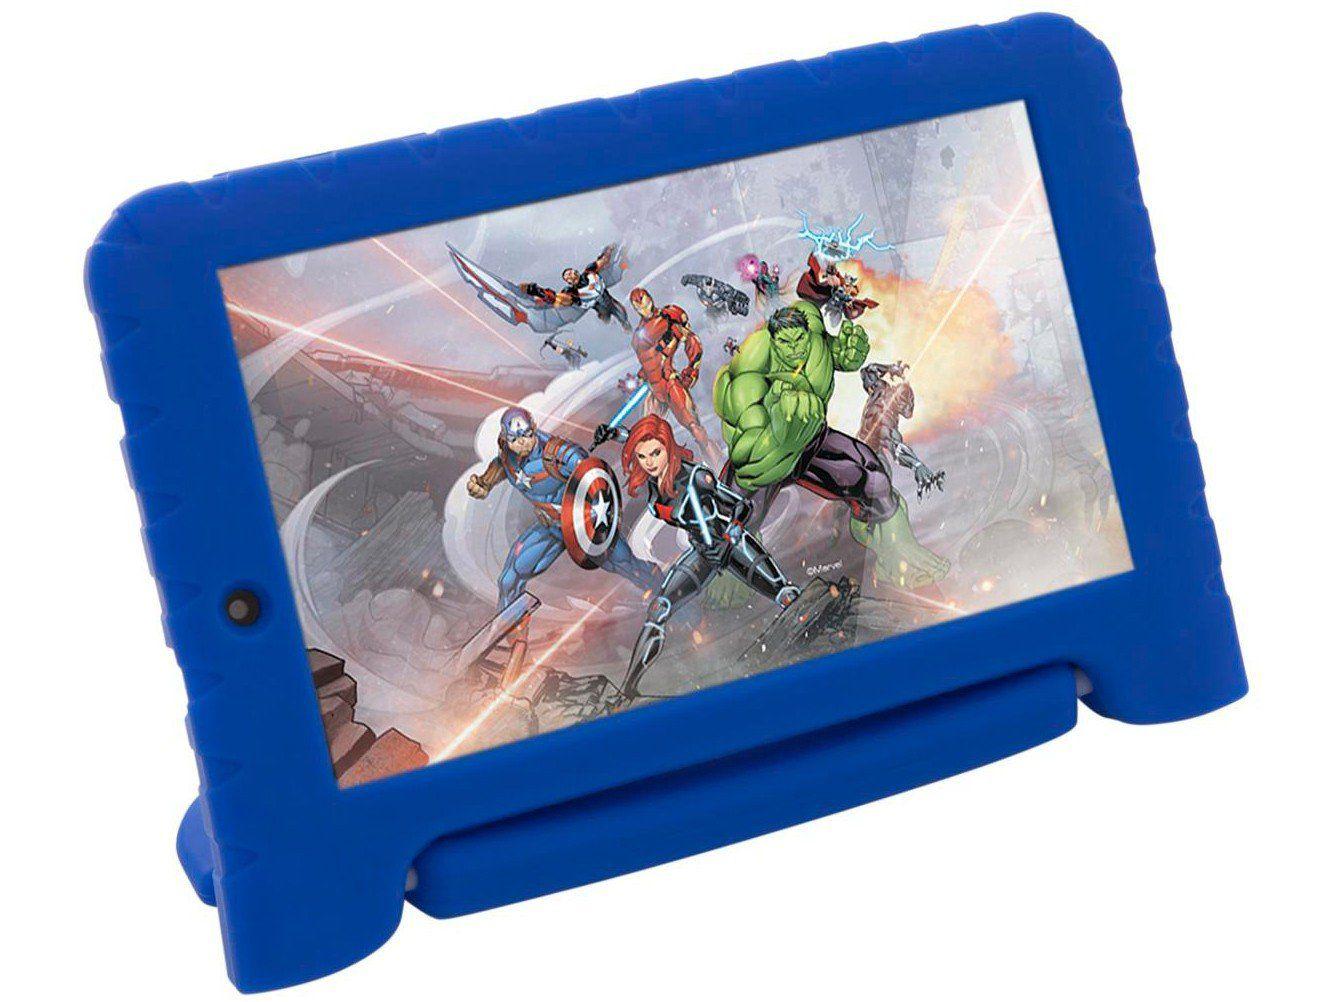 """Tablet Multilaser M7S Plus Capa Infantil Vingadores 8GB 7"""" Wi-Fi Android 7.0 Quad Core Câmera 2MP  - Mix Eletro"""